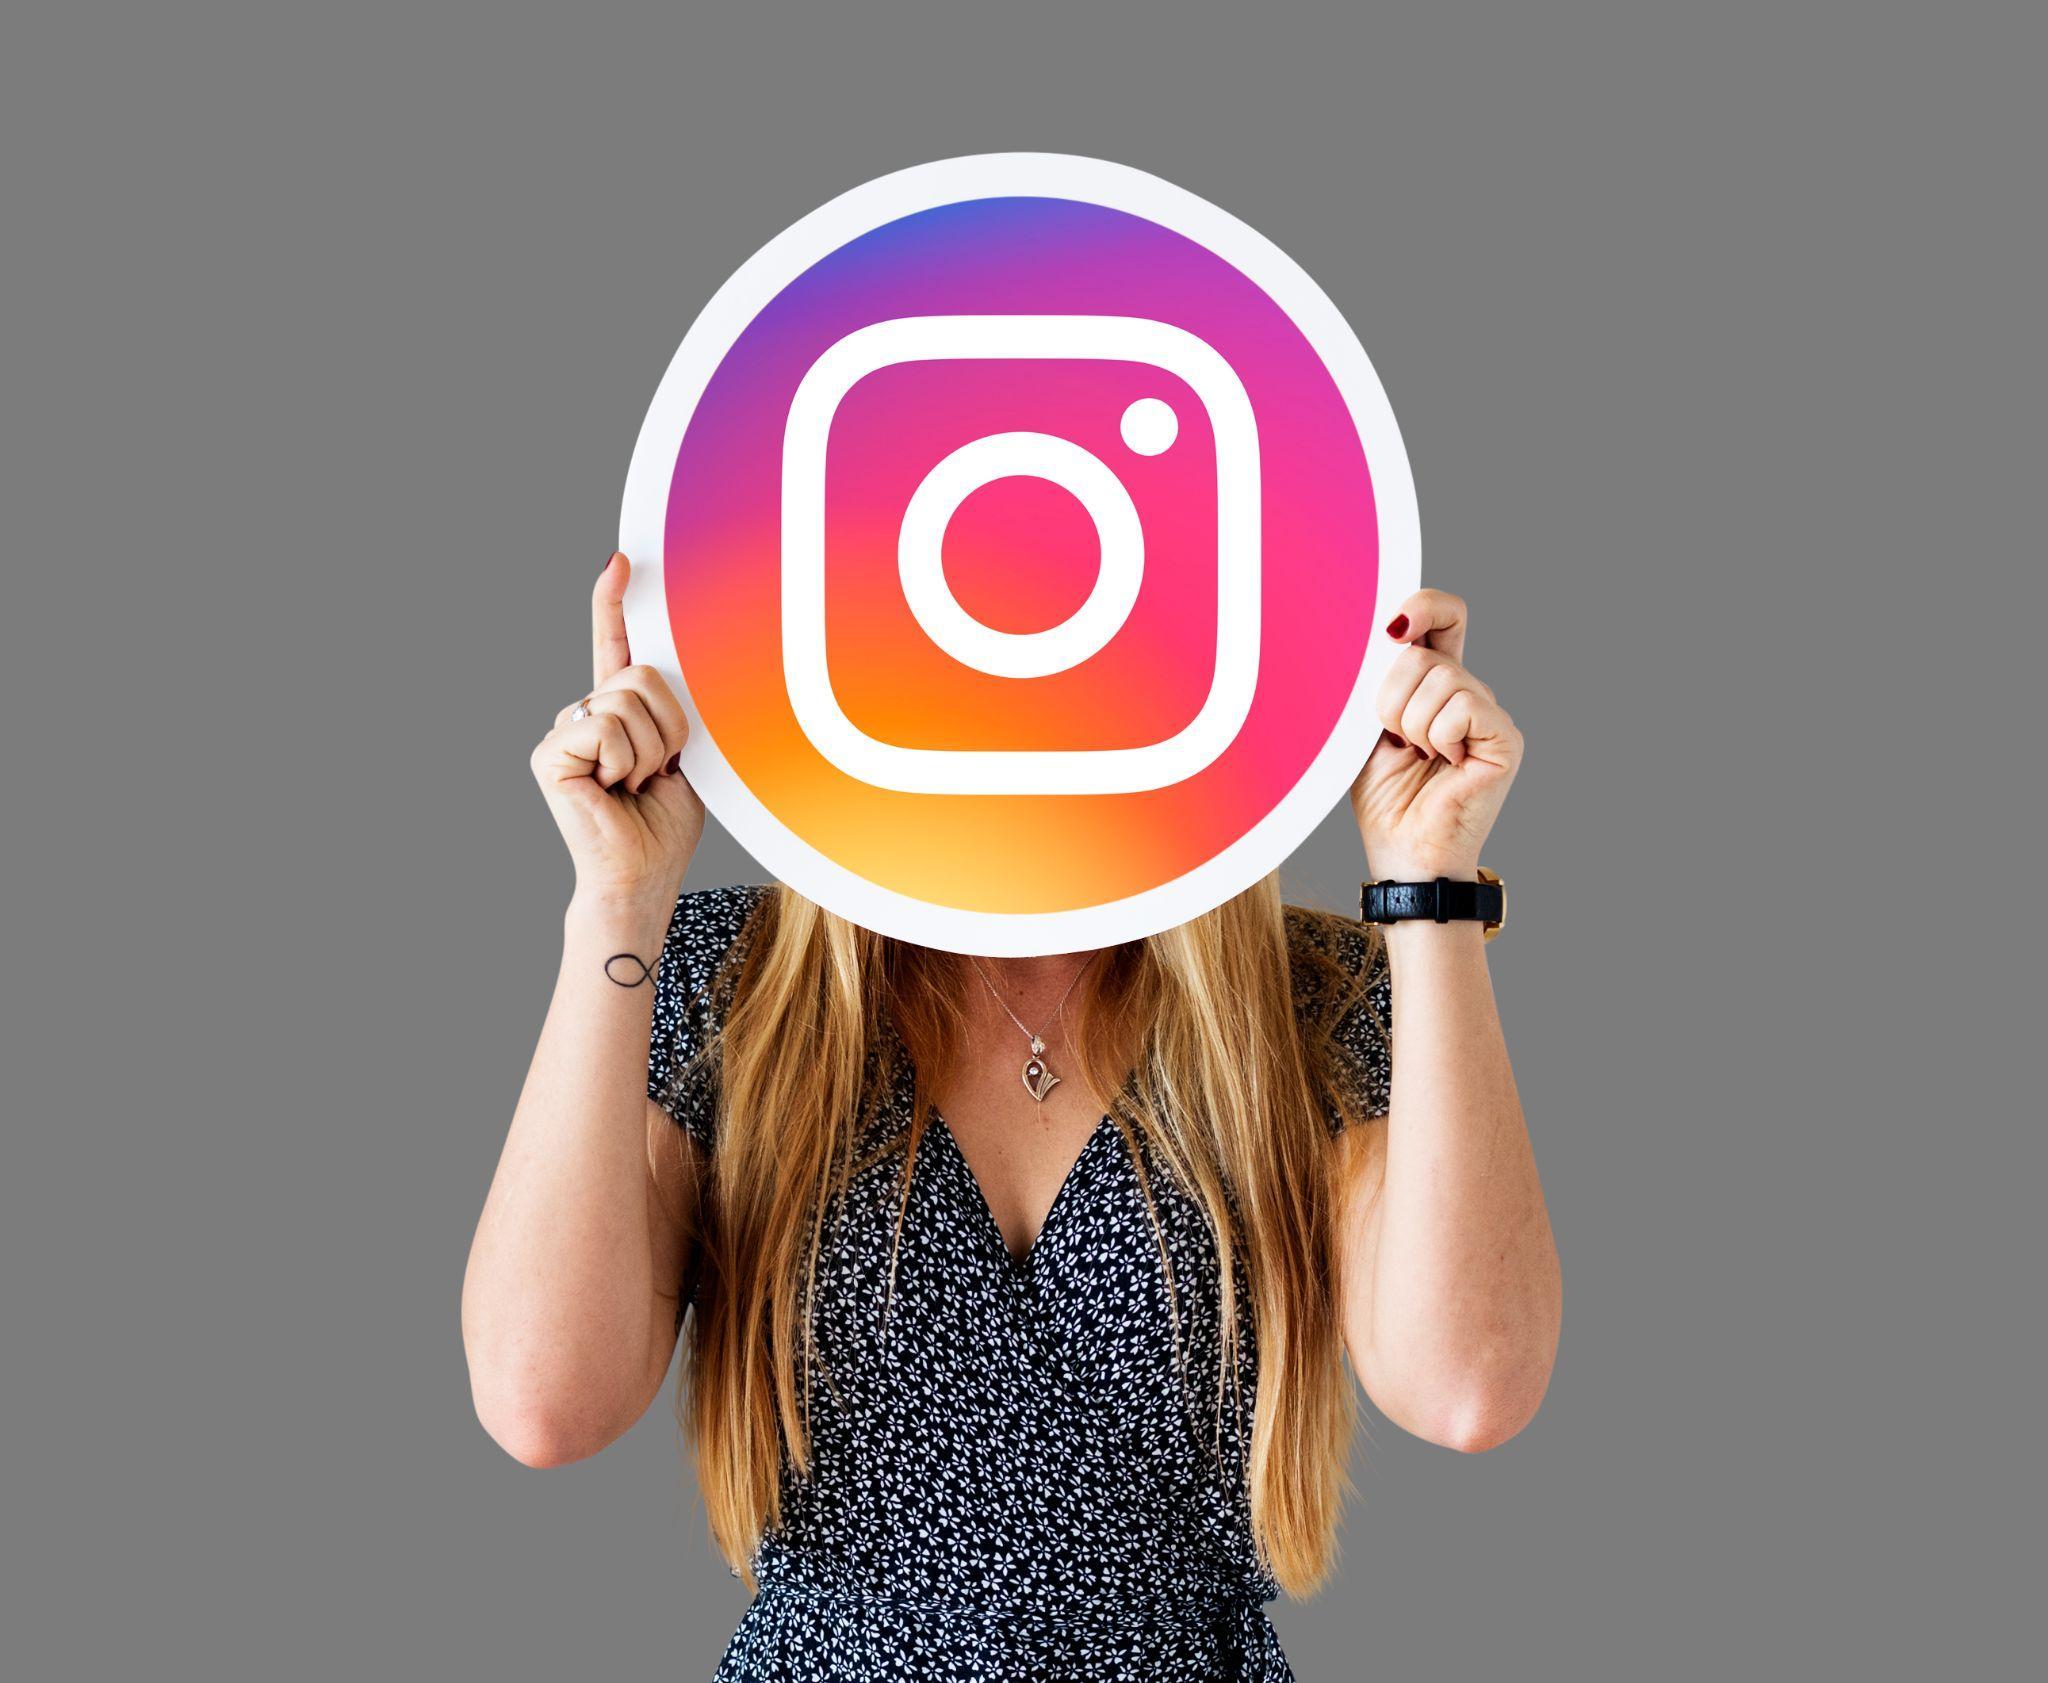 Conseguir mais seguidores Instagram